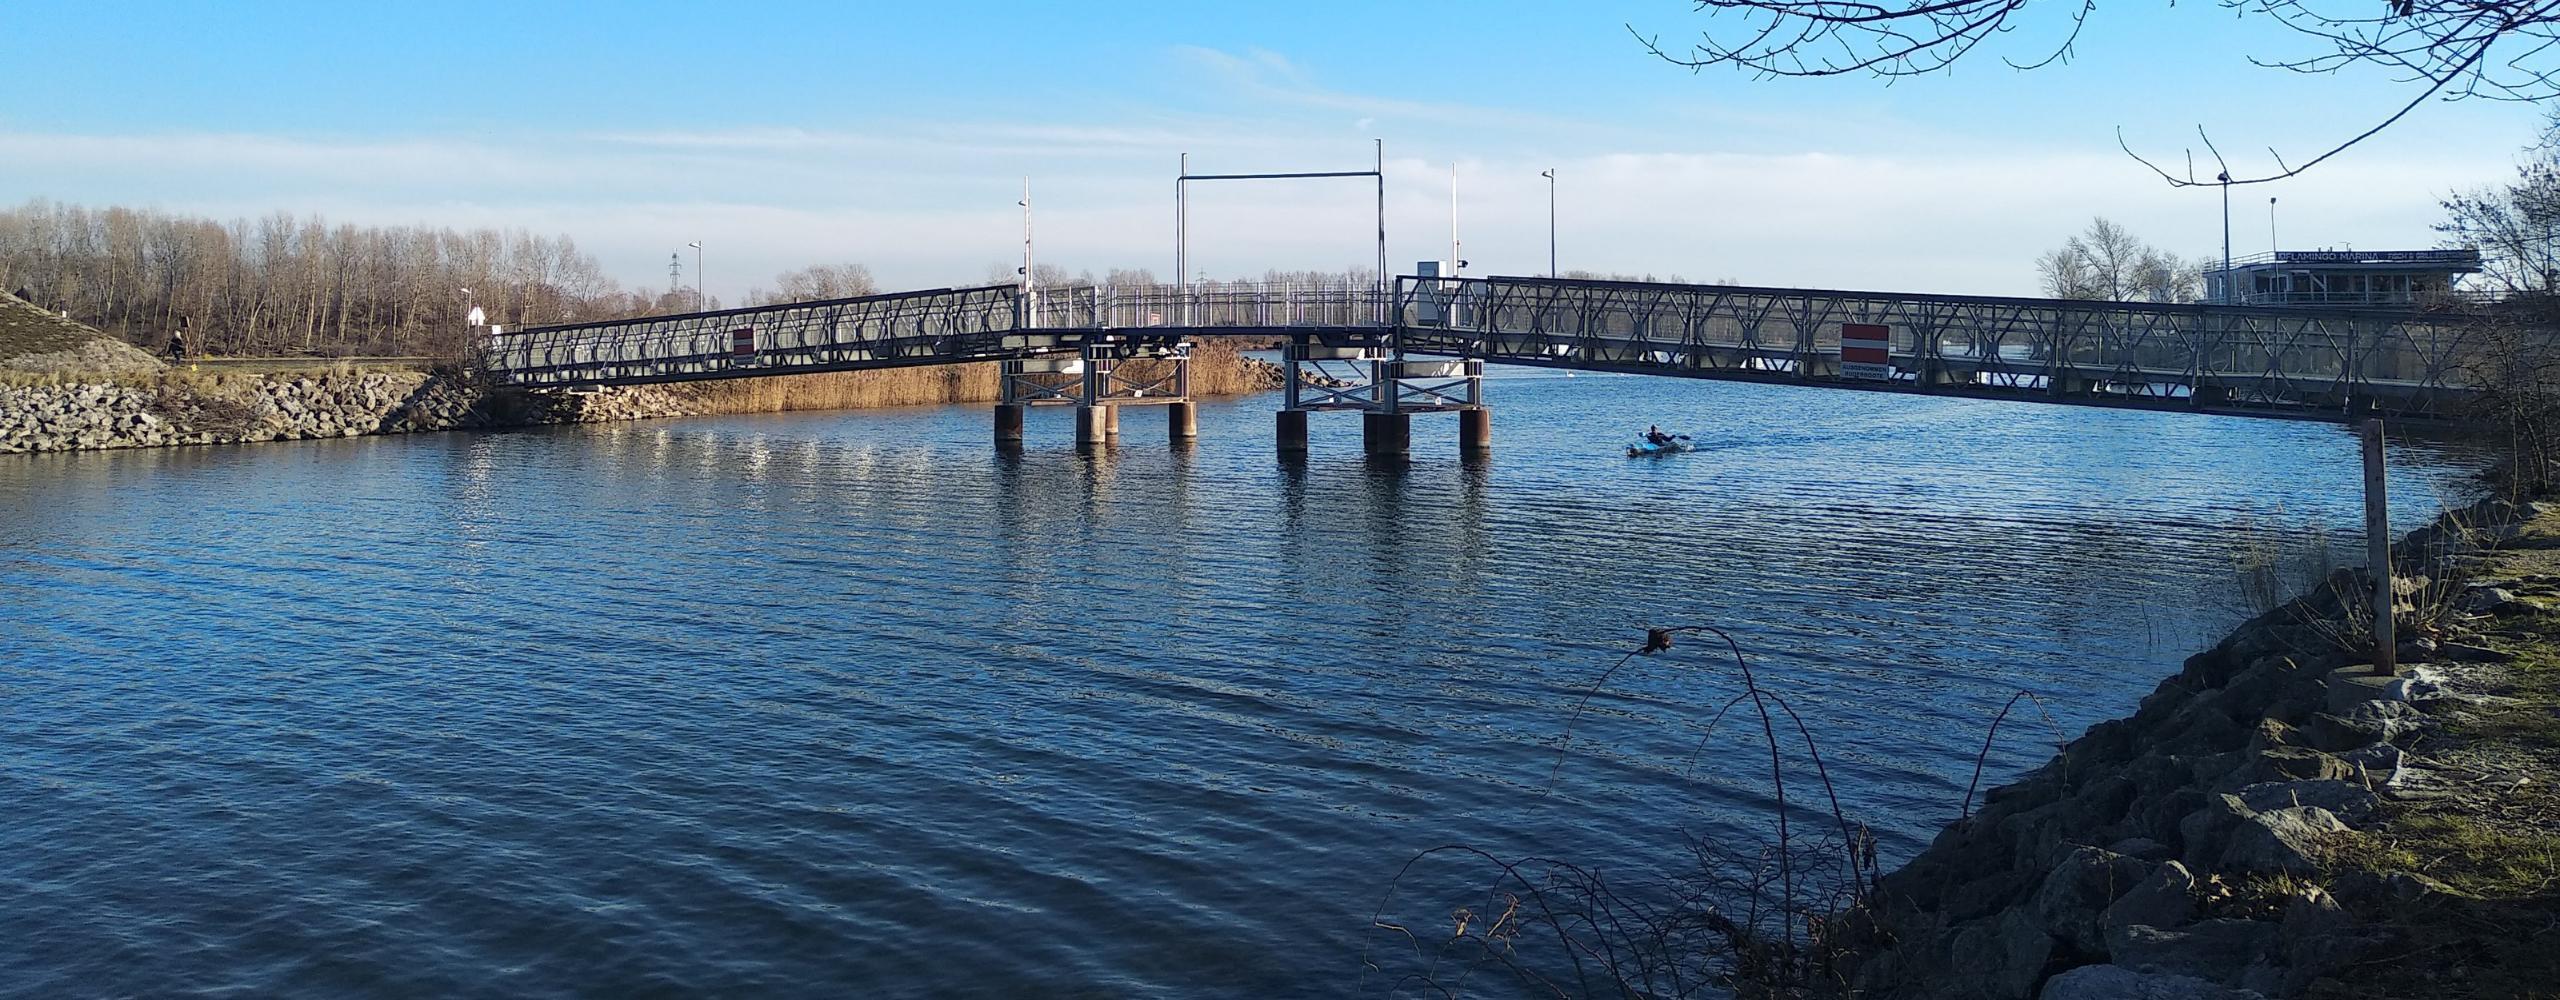 Brücke beim Kuchelauer Hafen